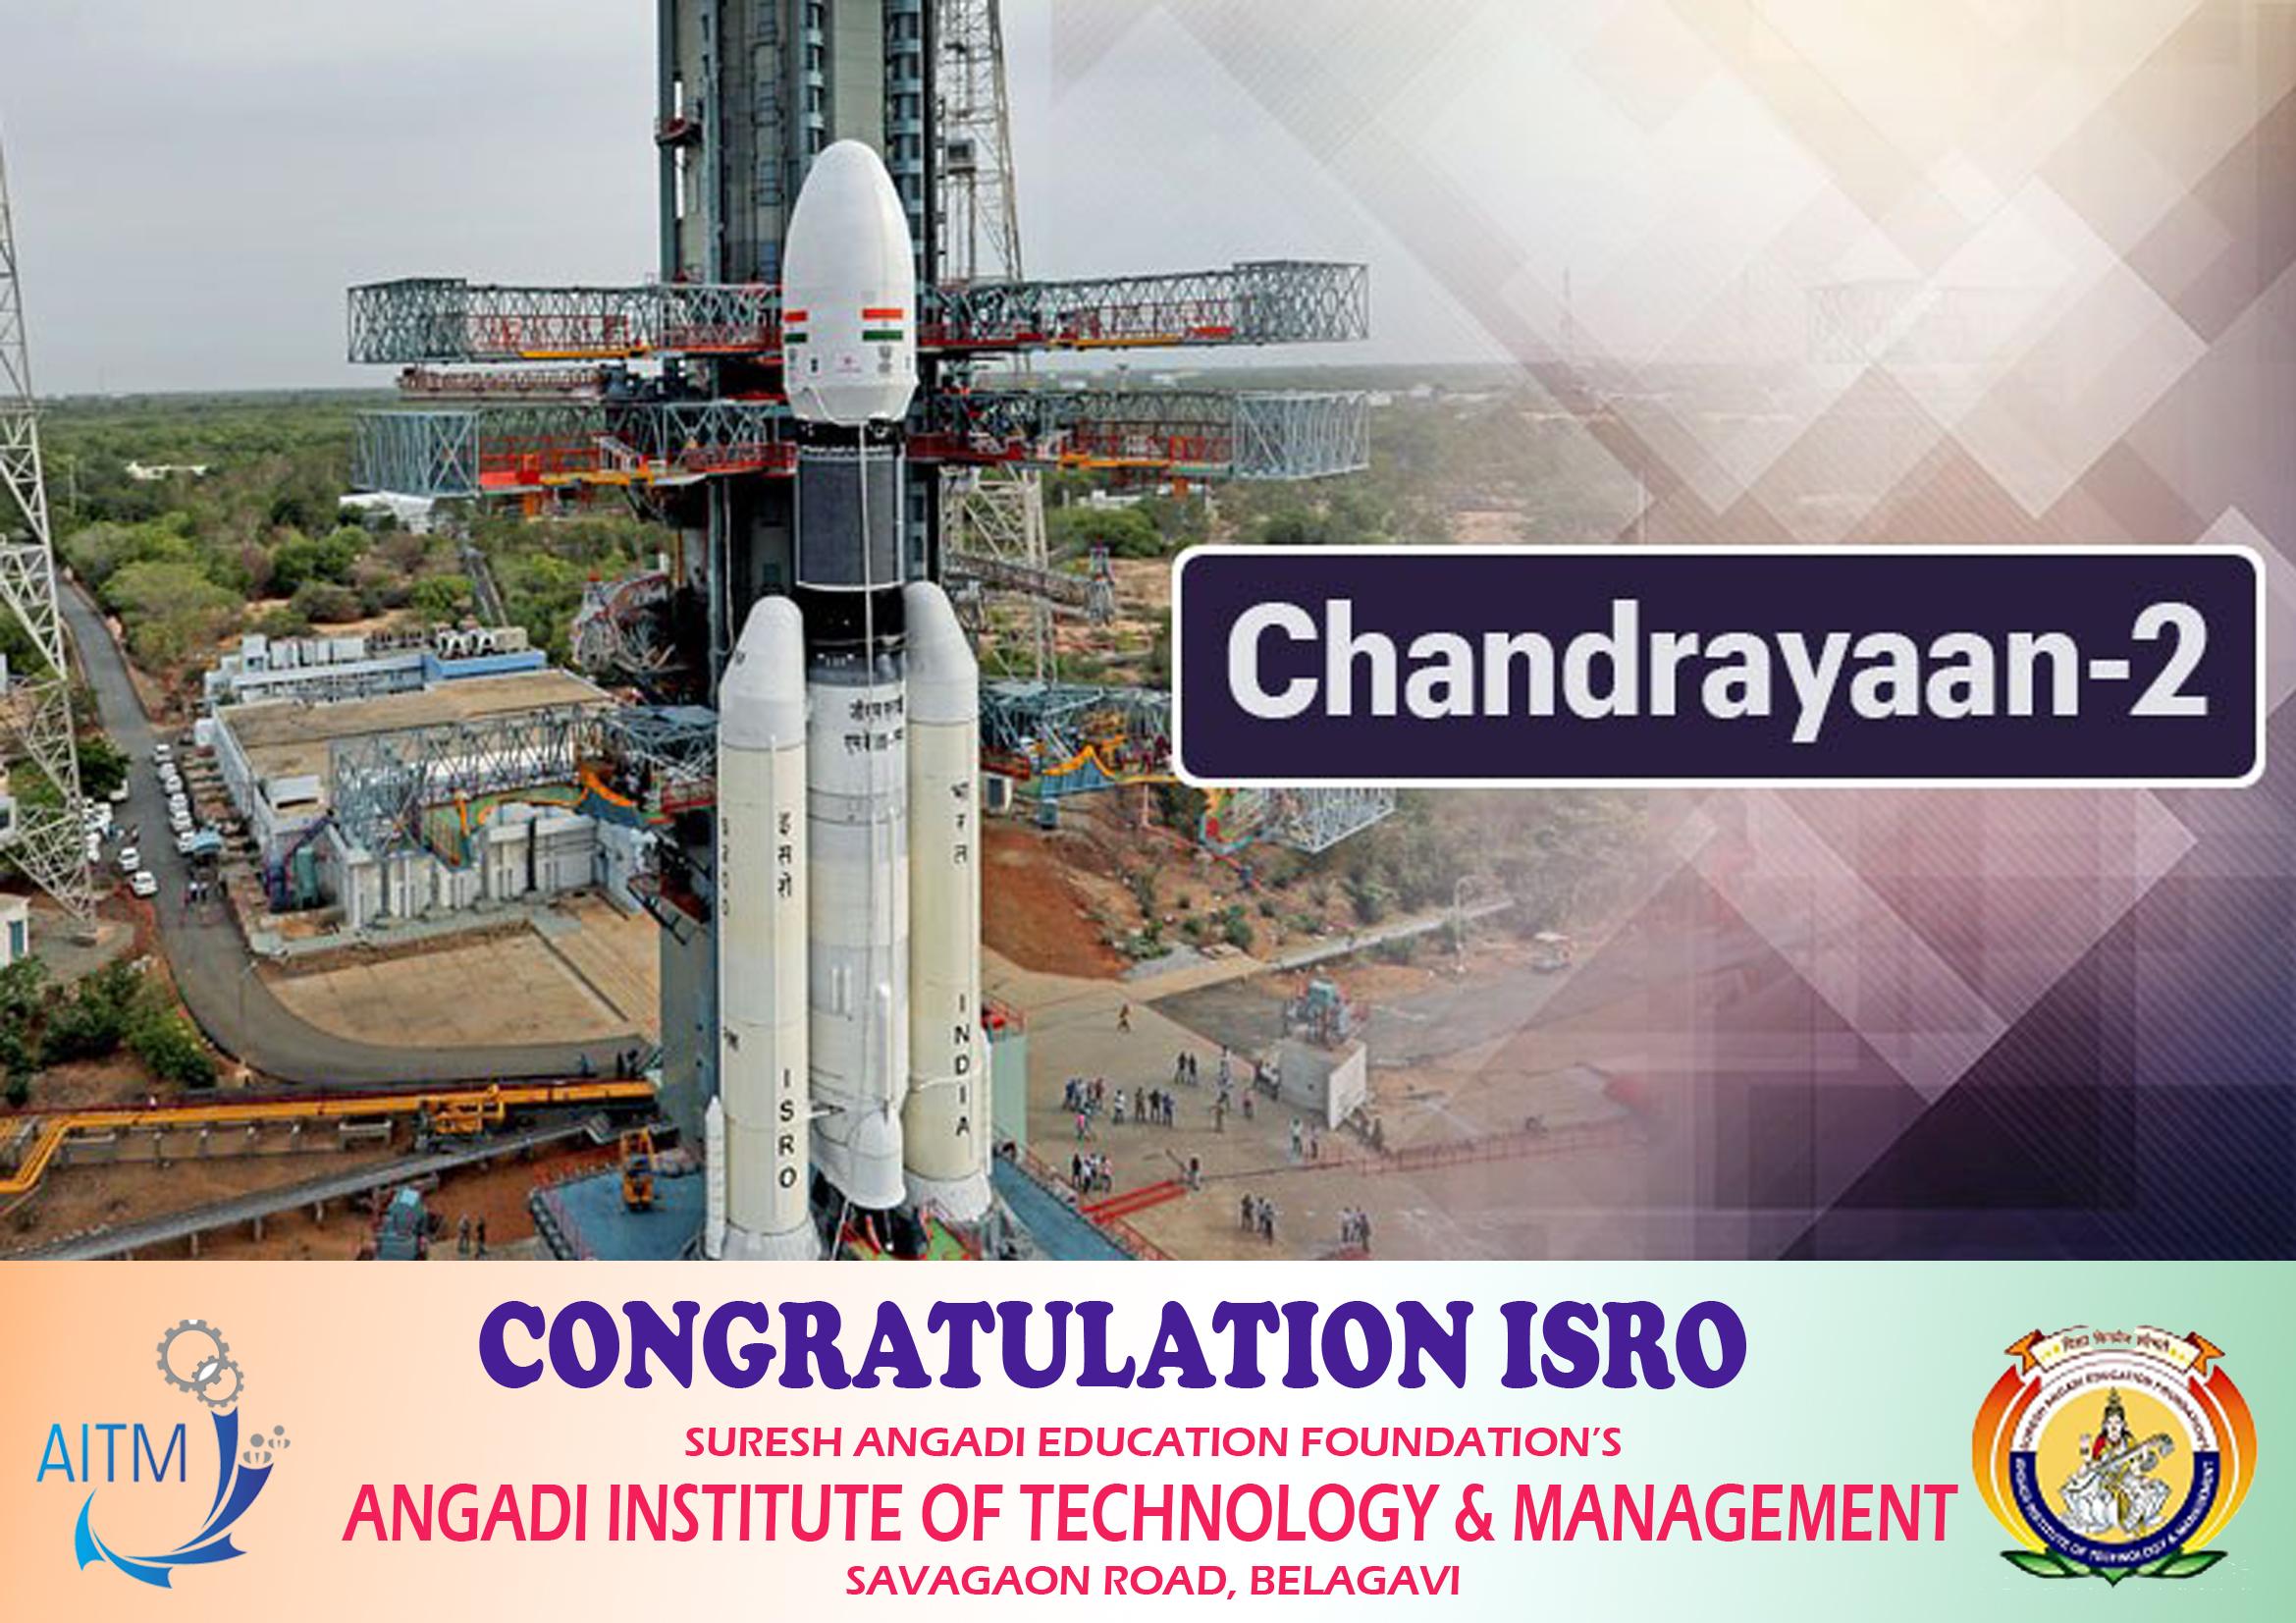 Chandrayana congrats